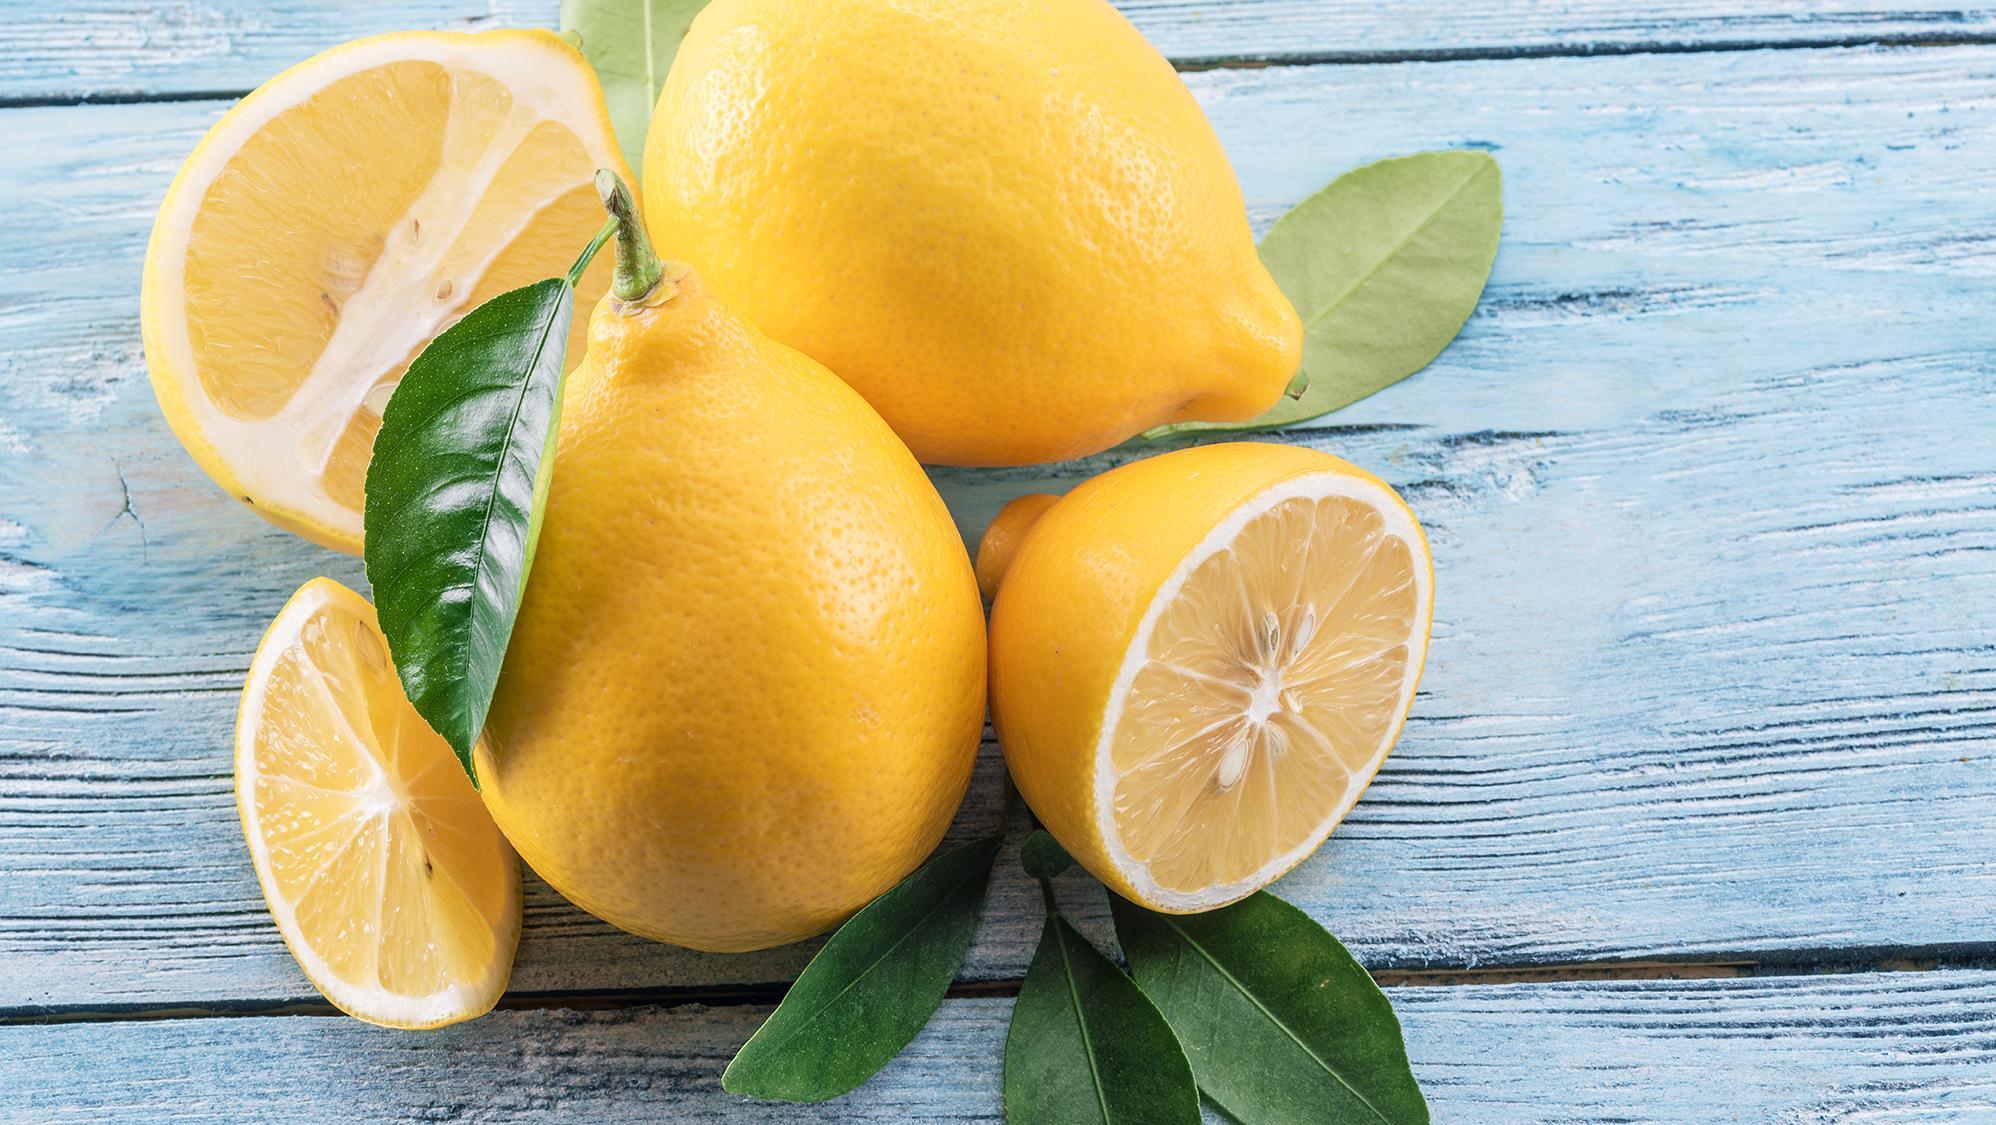 Quelques citrons entiers et en morceaux